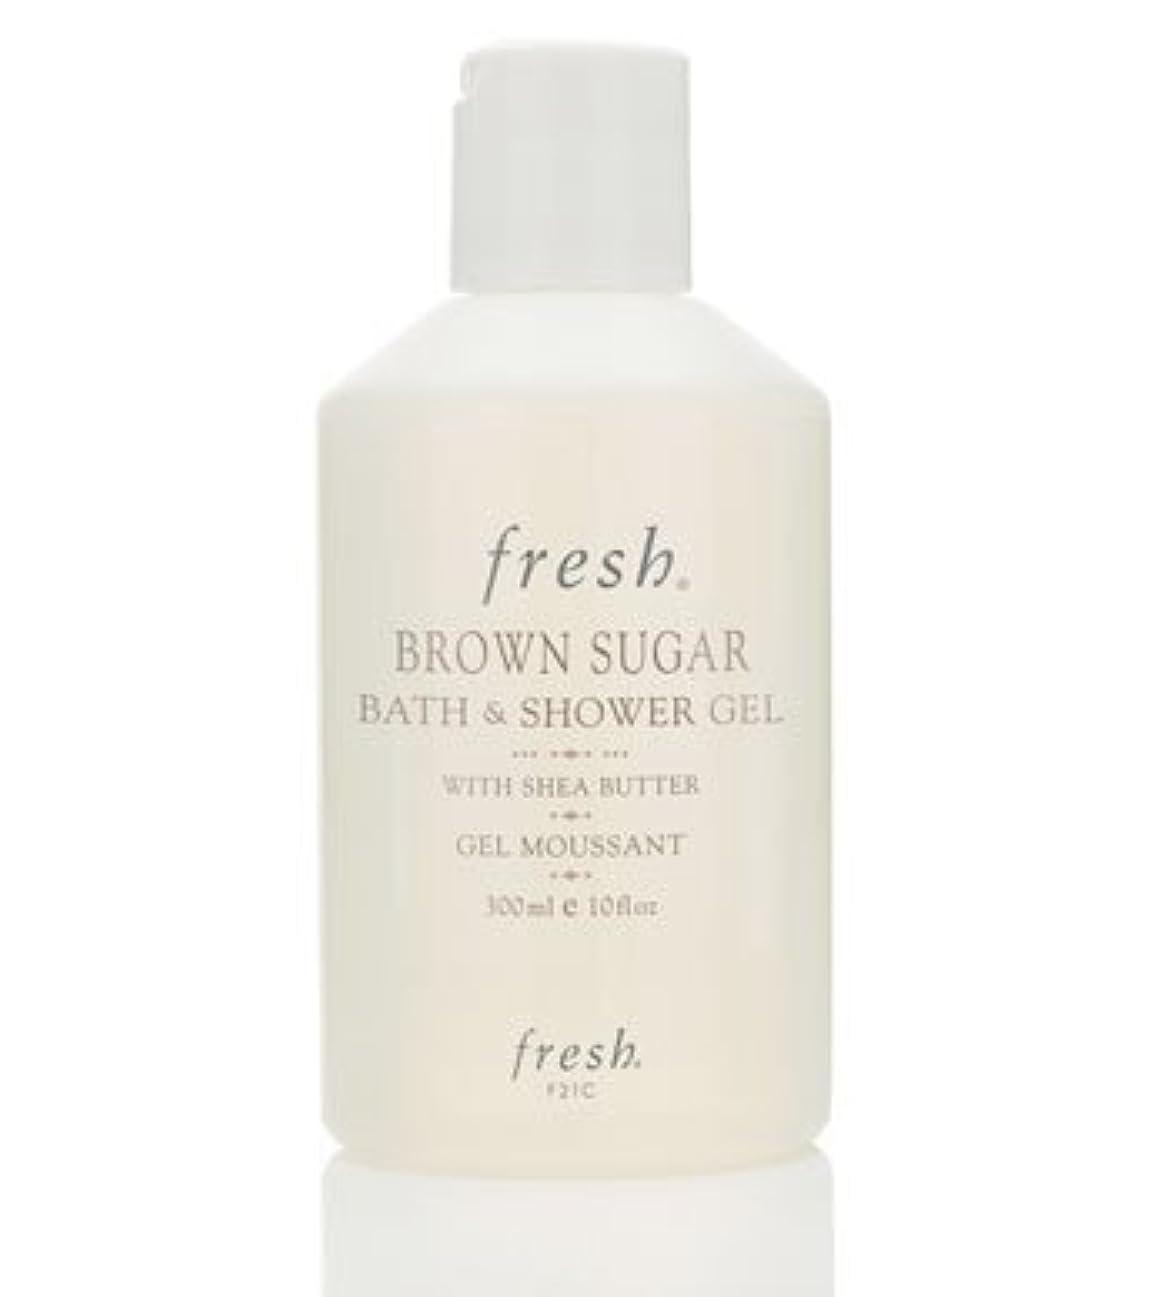 要塞侮辱胴体Fresh BROWN SUGAR BATH & SHOWER GEL (フレッシュ ブラウンシュガー バス&シャワージェル) 10 oz (300ml) by Fresh